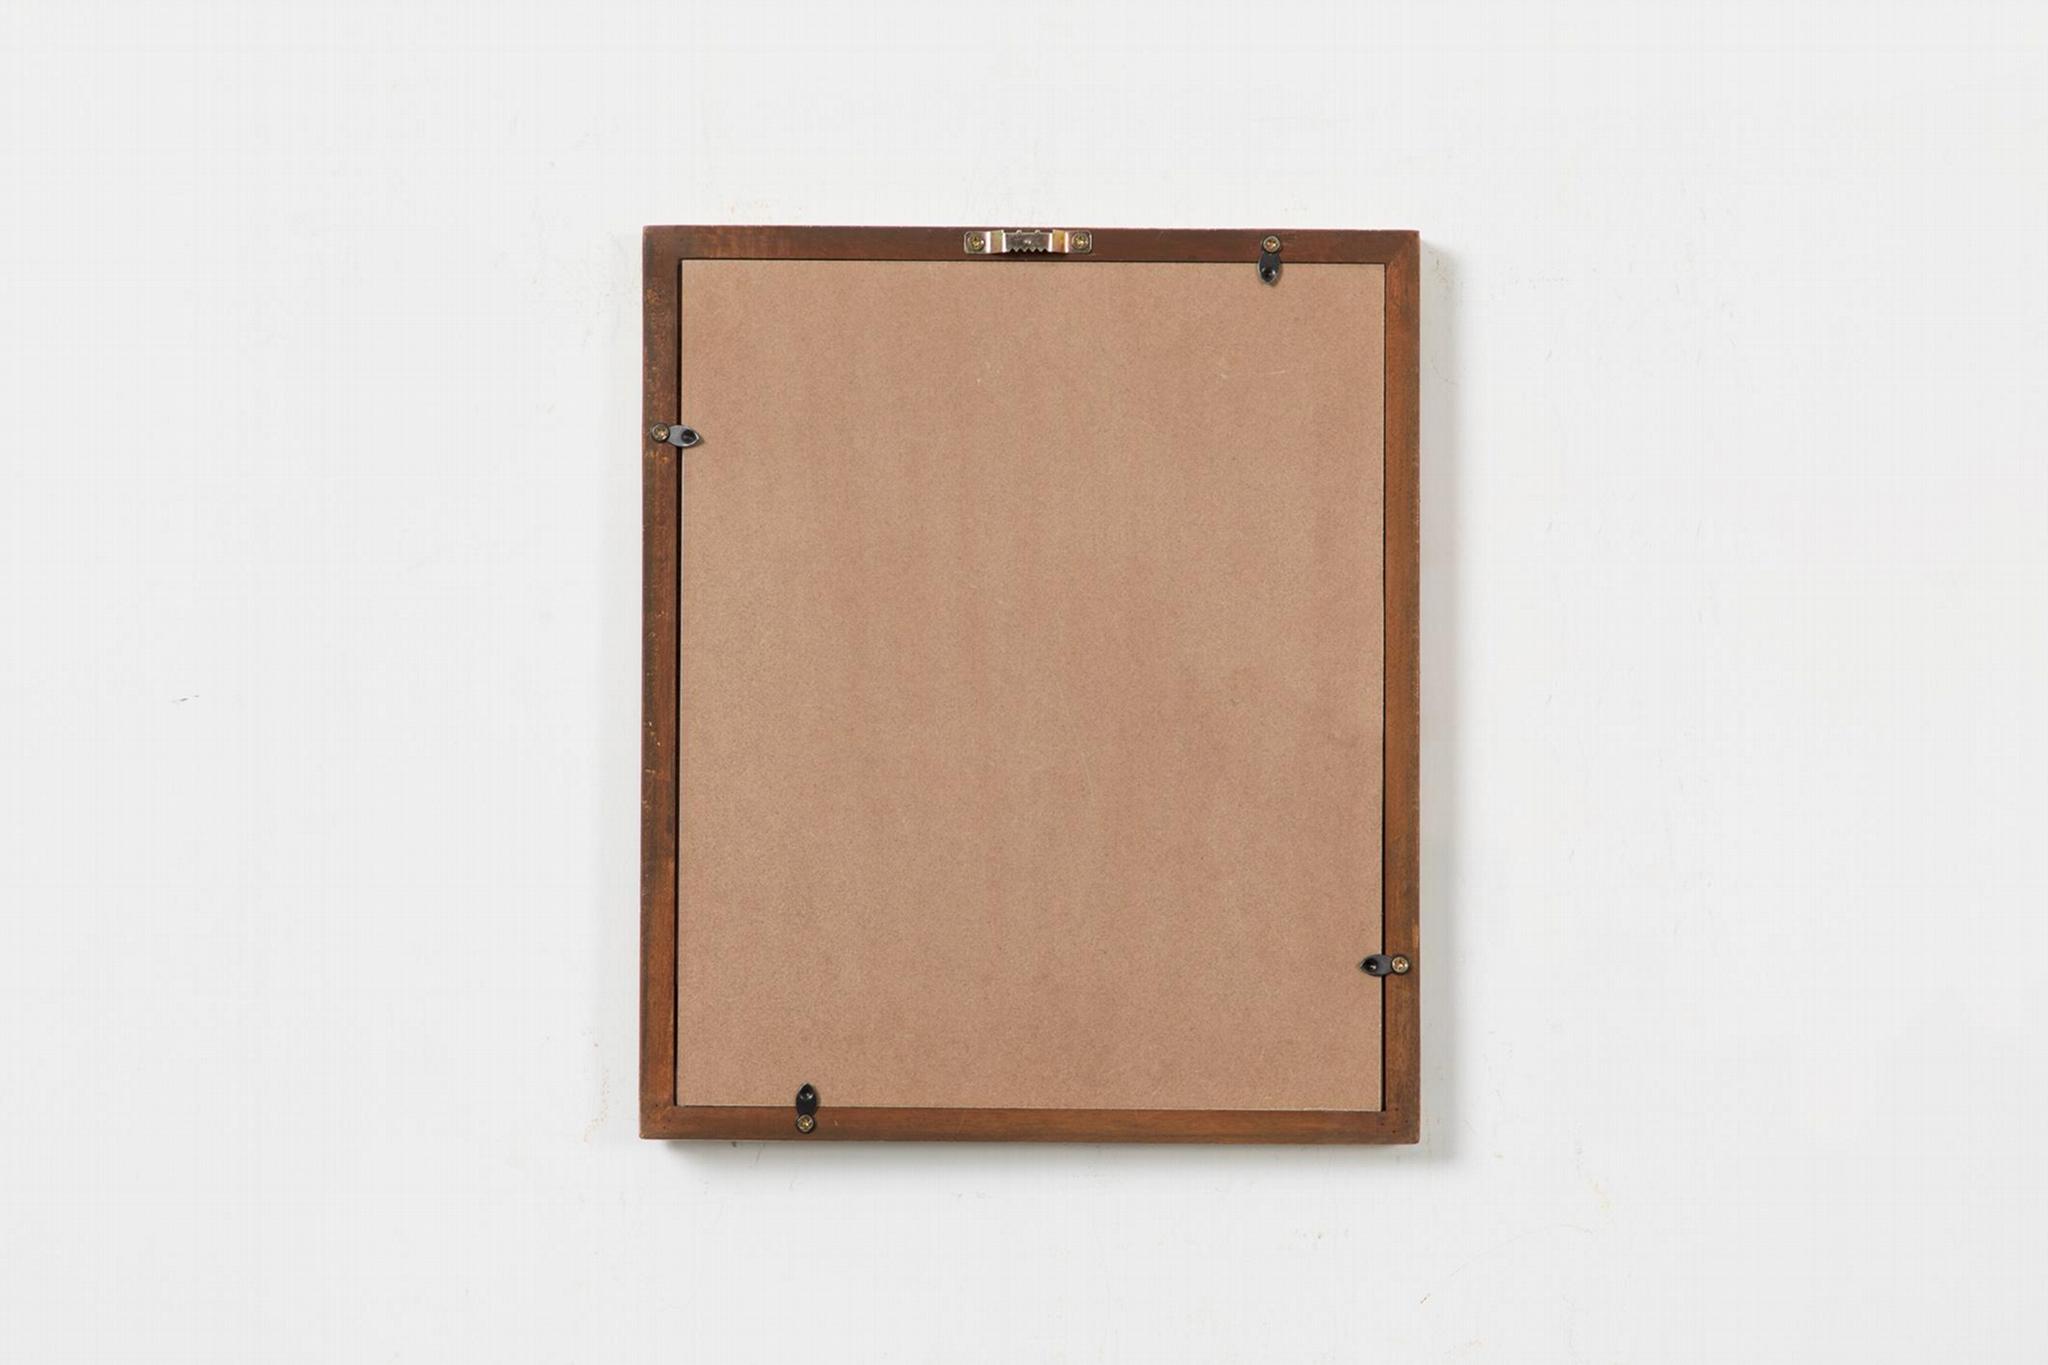 Solid wood frame 3